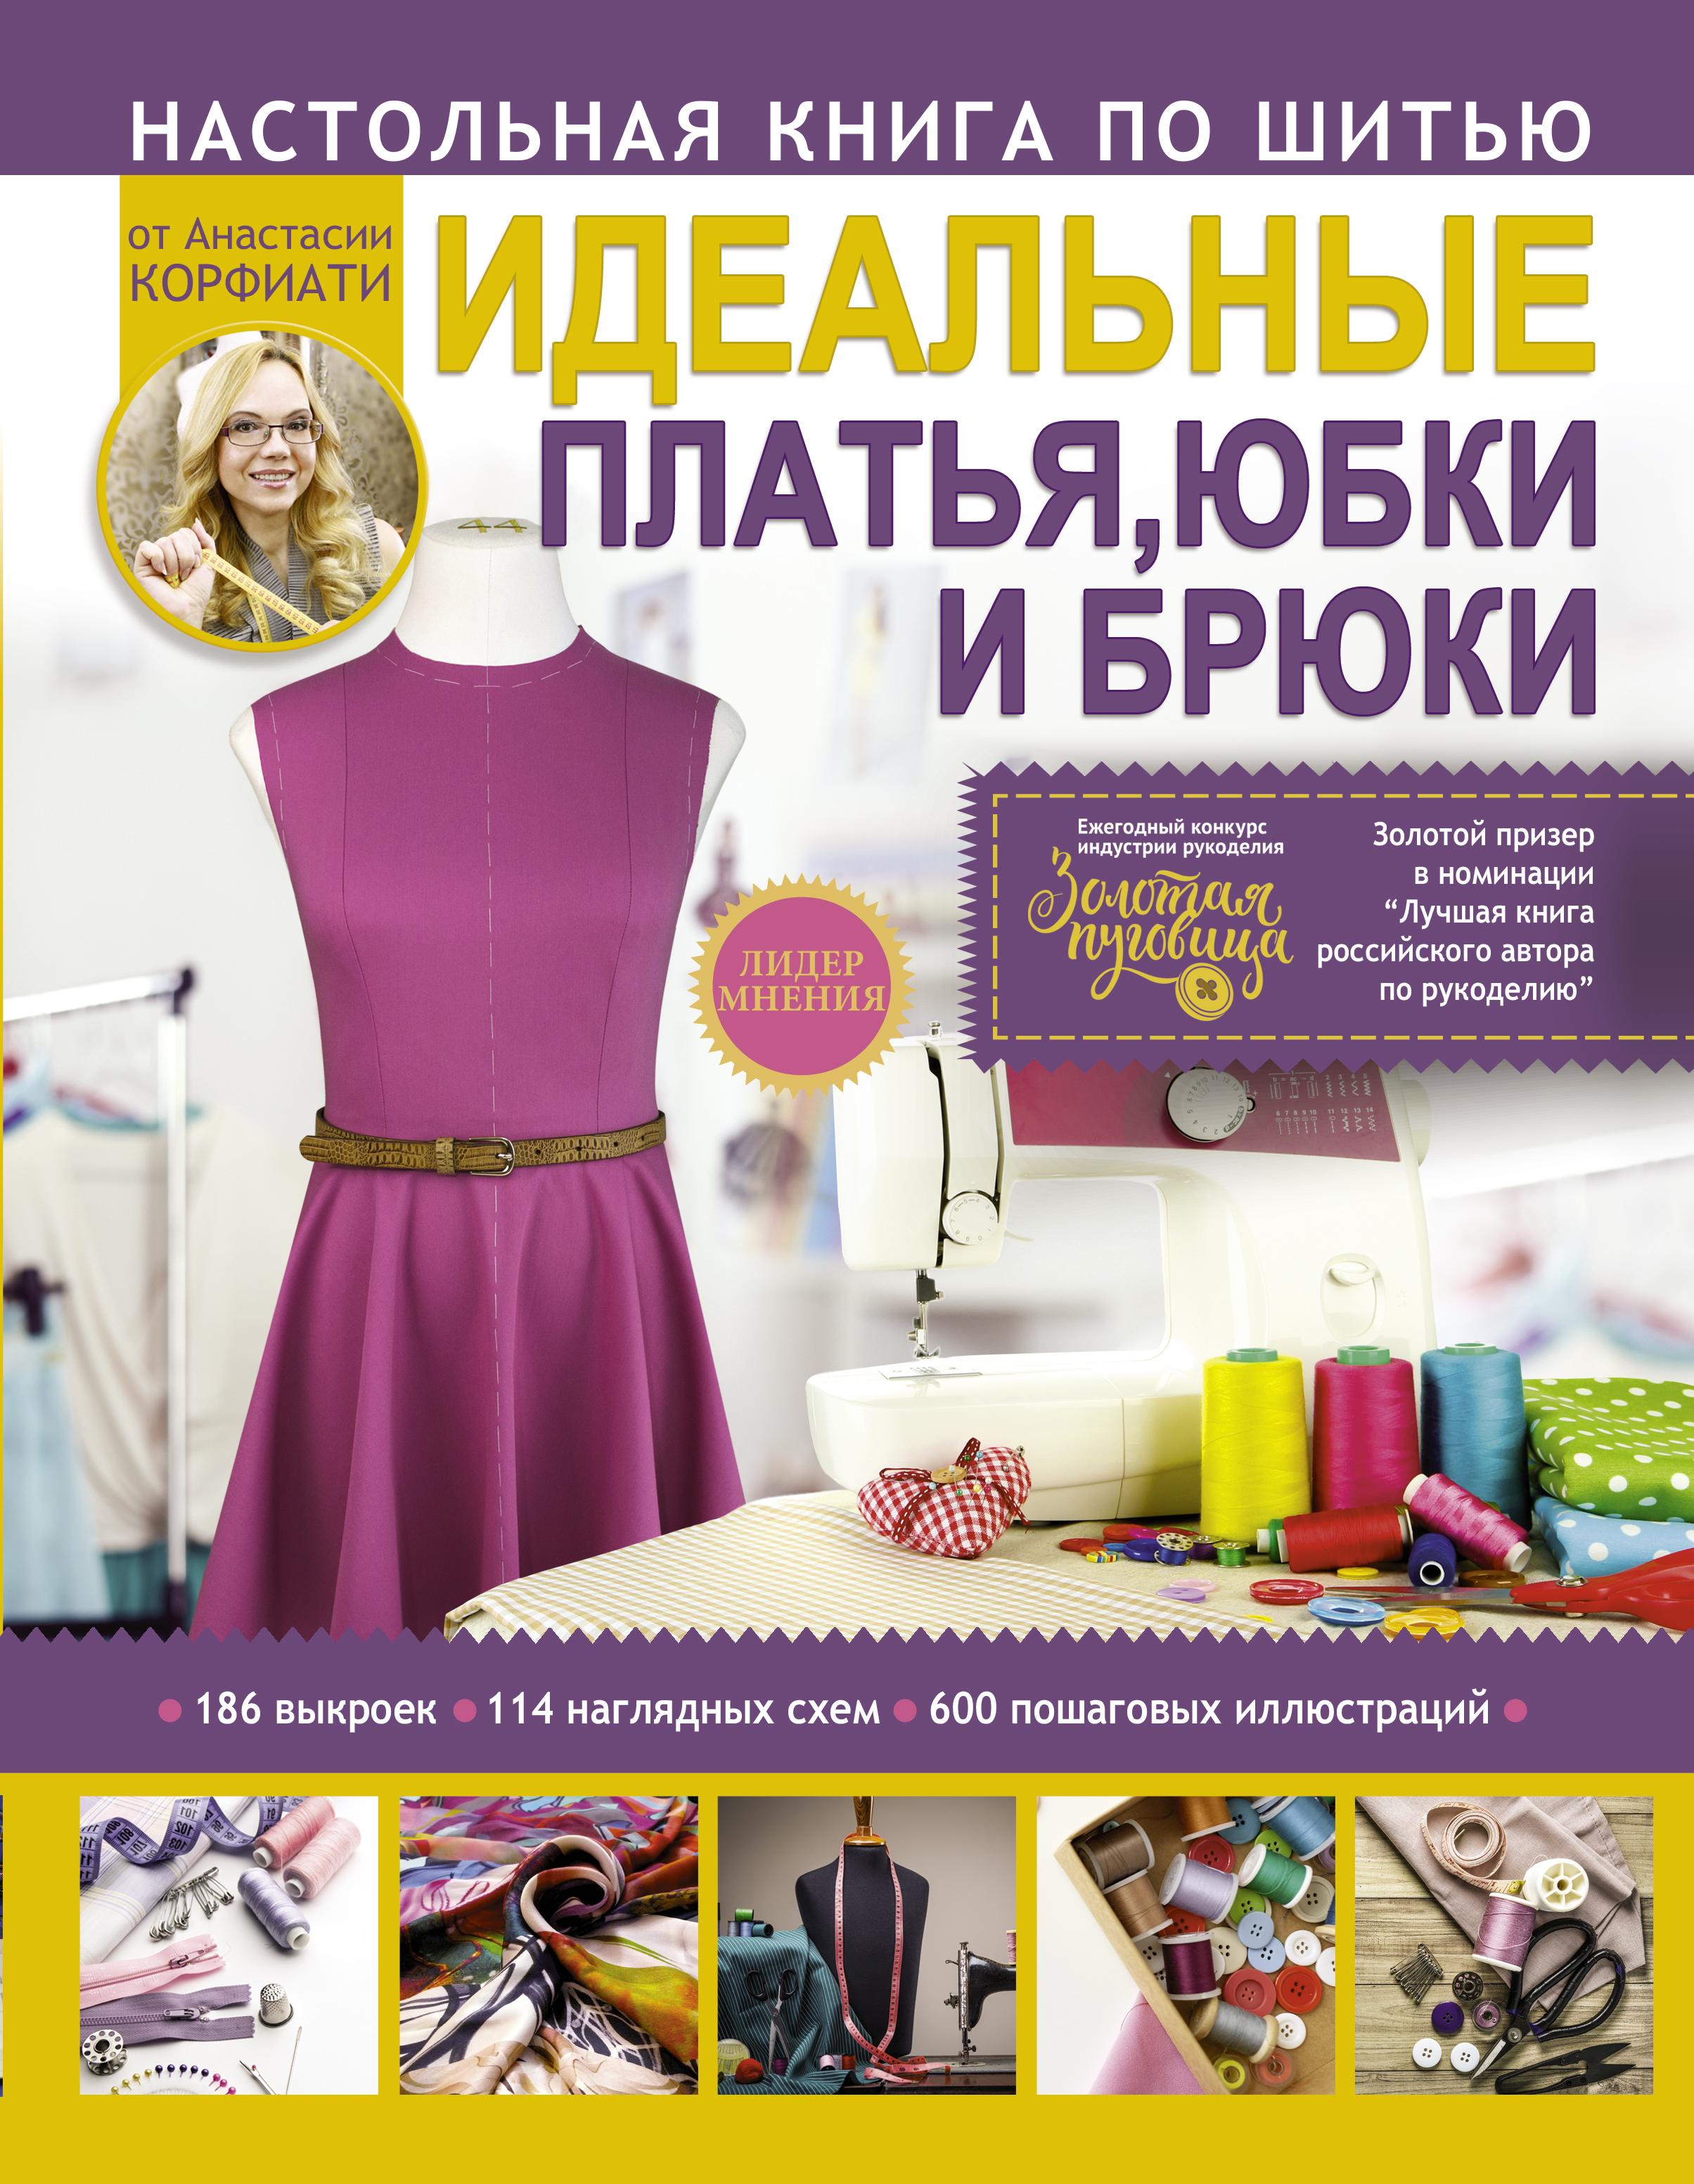 Корфиати А. Настольная книга по шитью. Идеальные платья, юбки и брюки цена